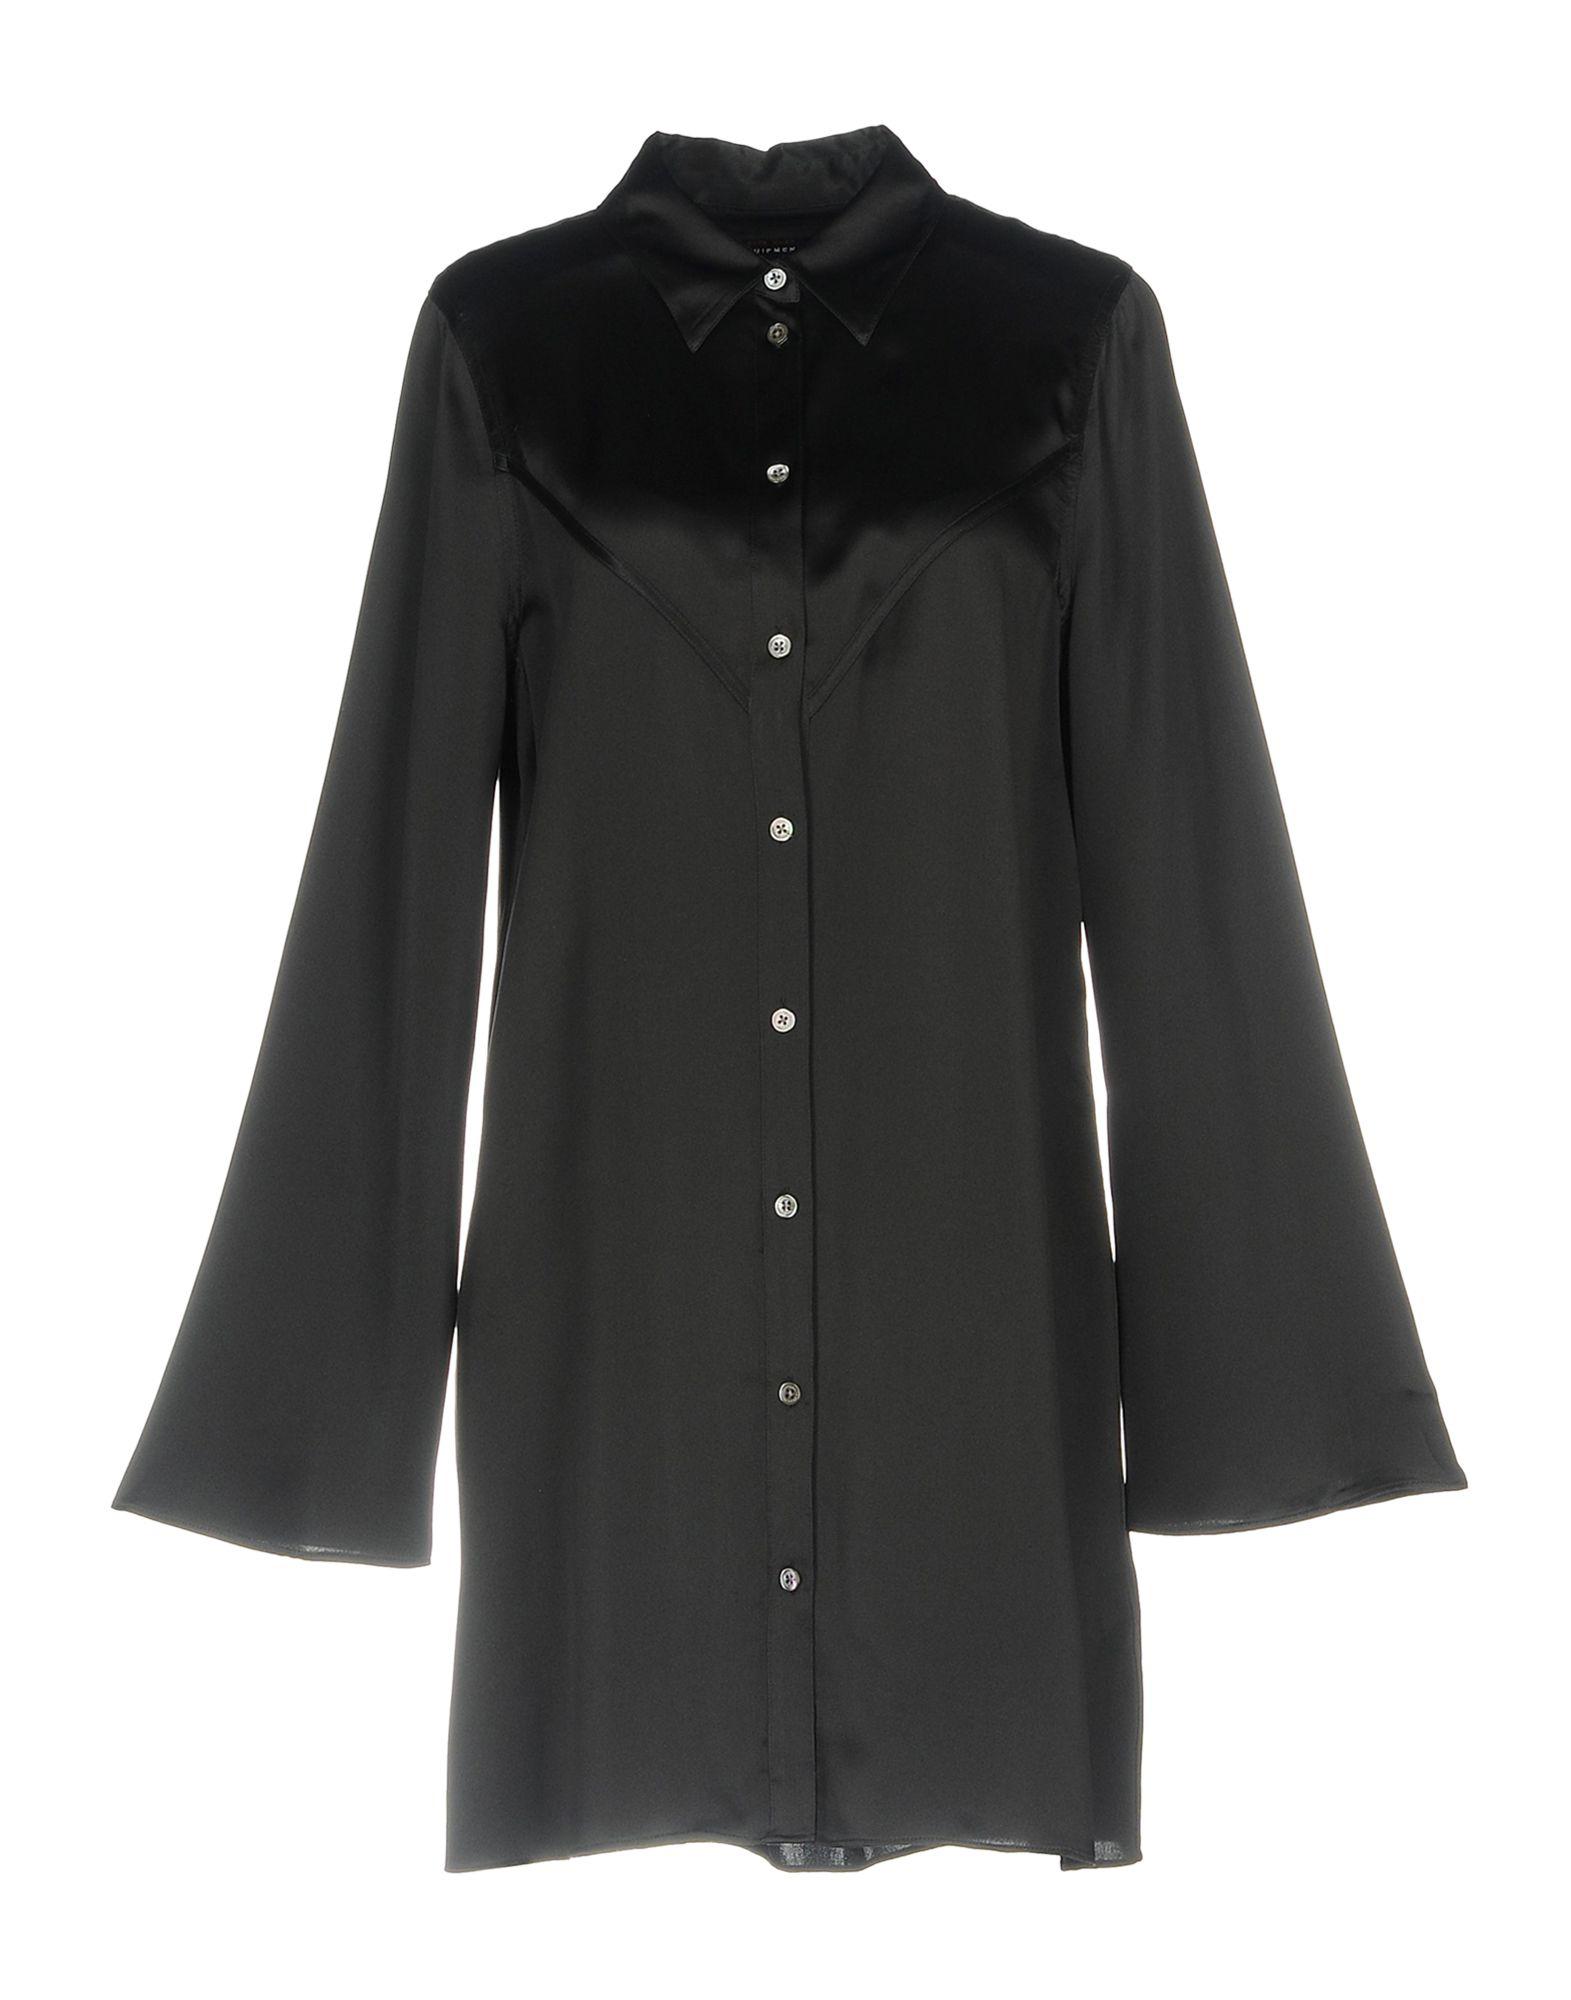 《送料無料》KATE MOSS EQUIPMENT レディース シャツ ブラック XS シルク 100%